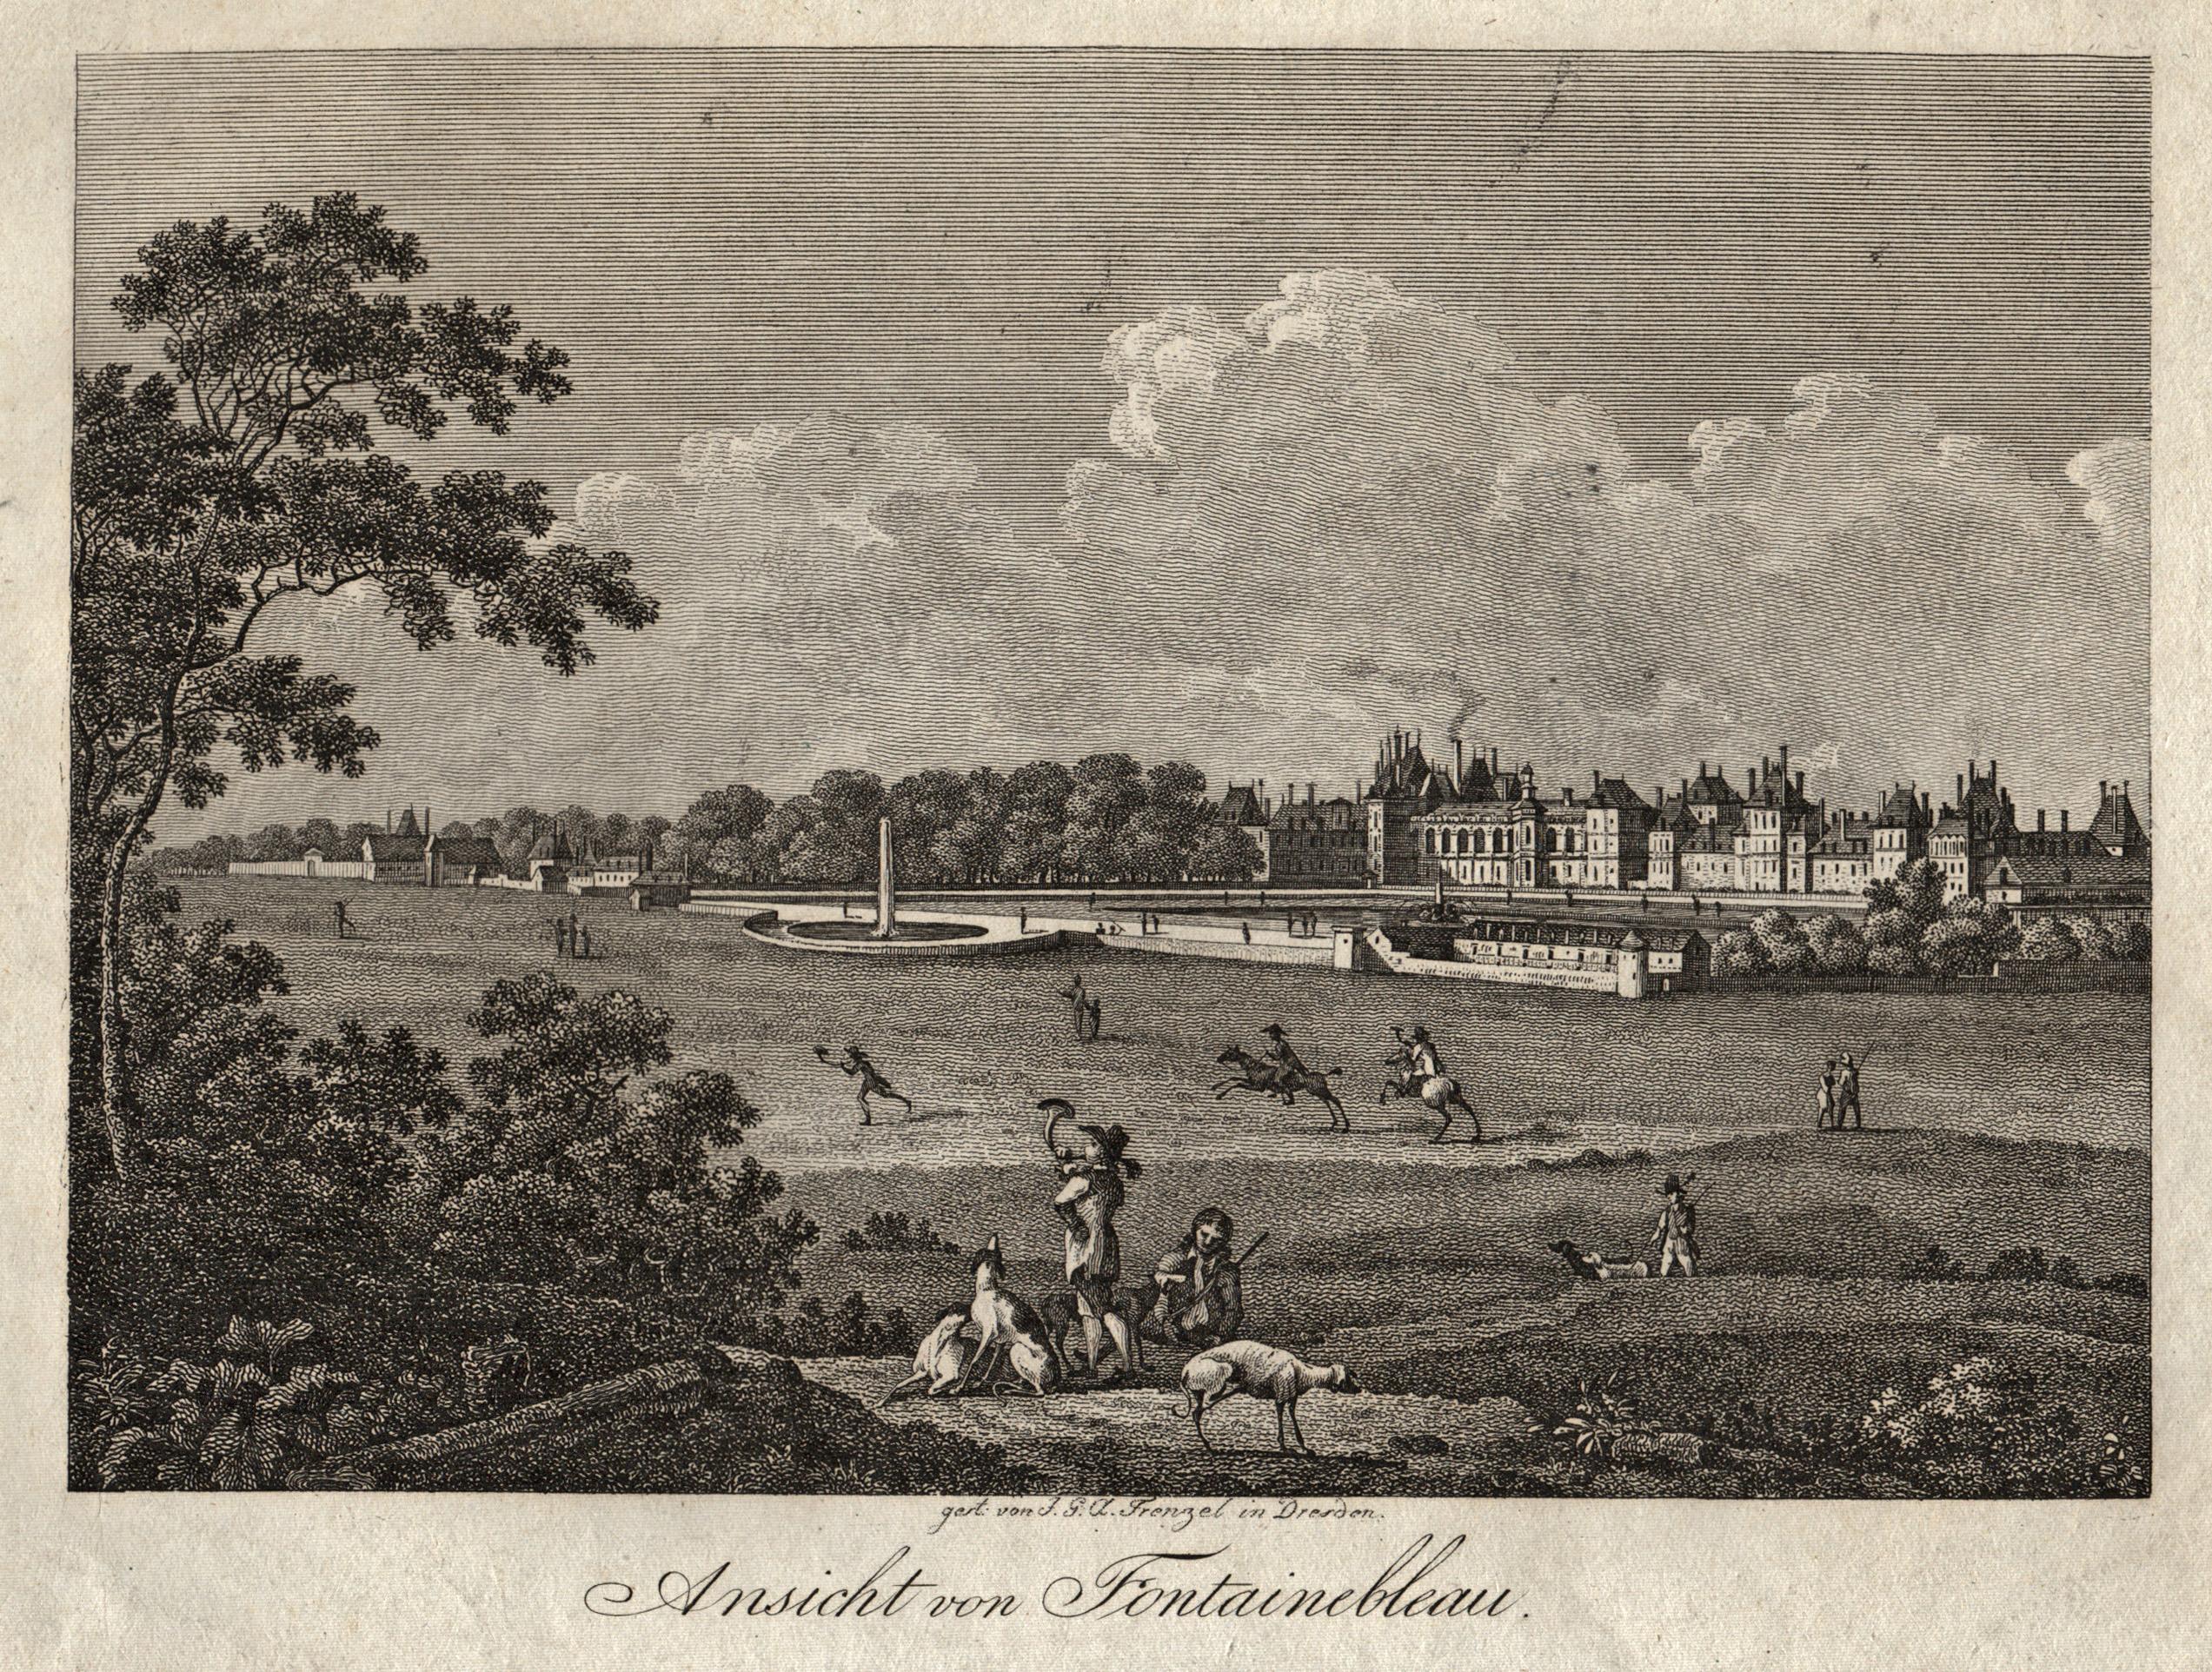 """TA., Schloßansicht, """"Ansicht von Fontainebleau"""".: Fontainebleau:"""